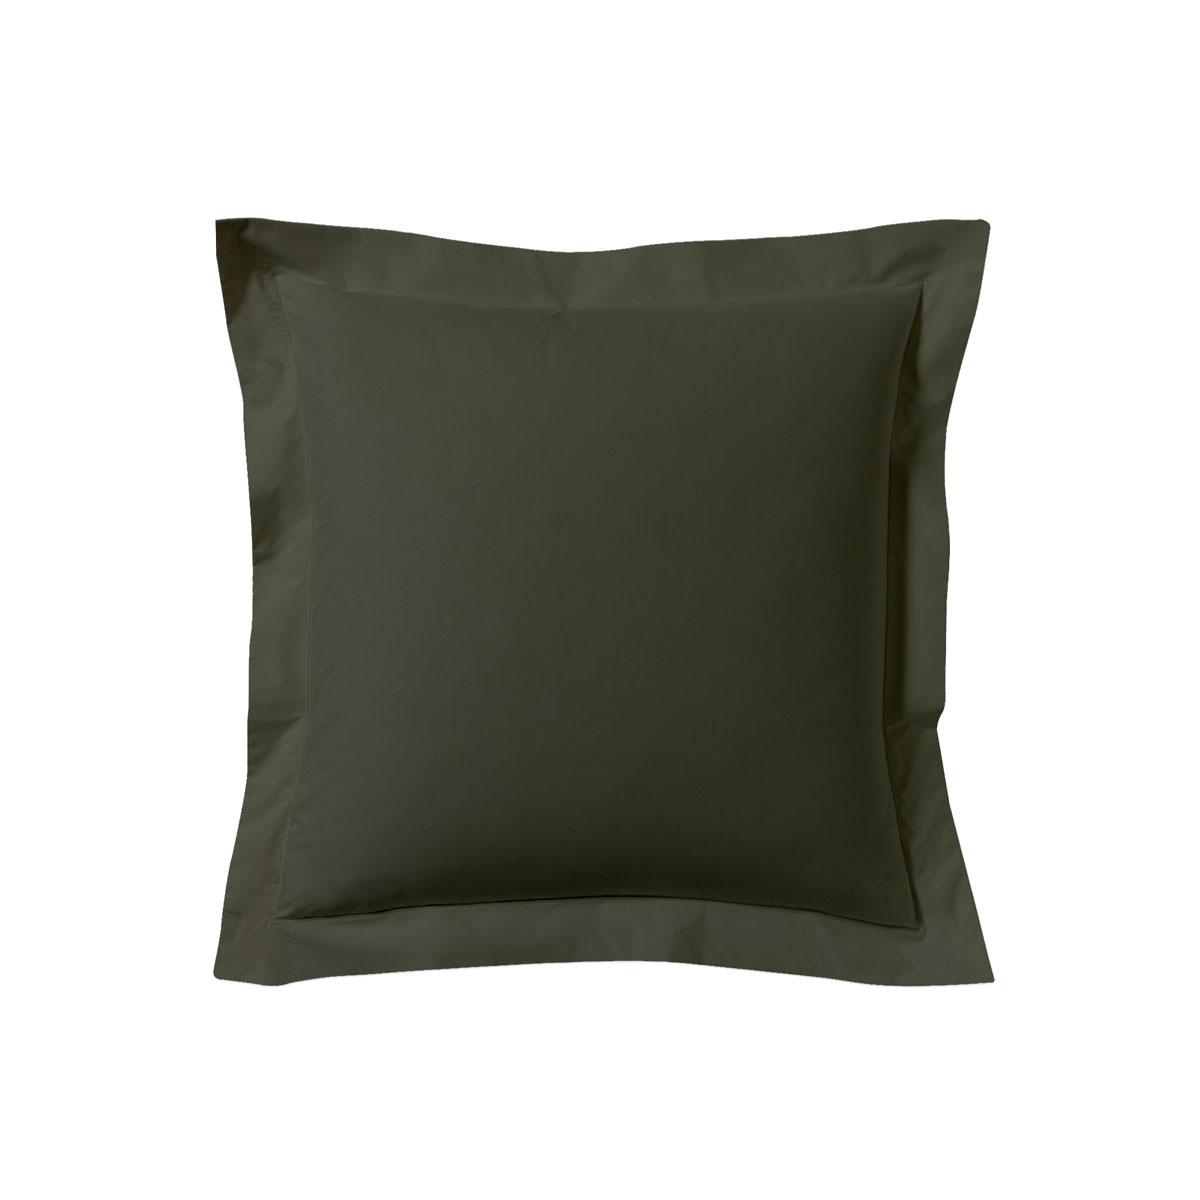 Taie d'oreiller unie en coton gris 63x63